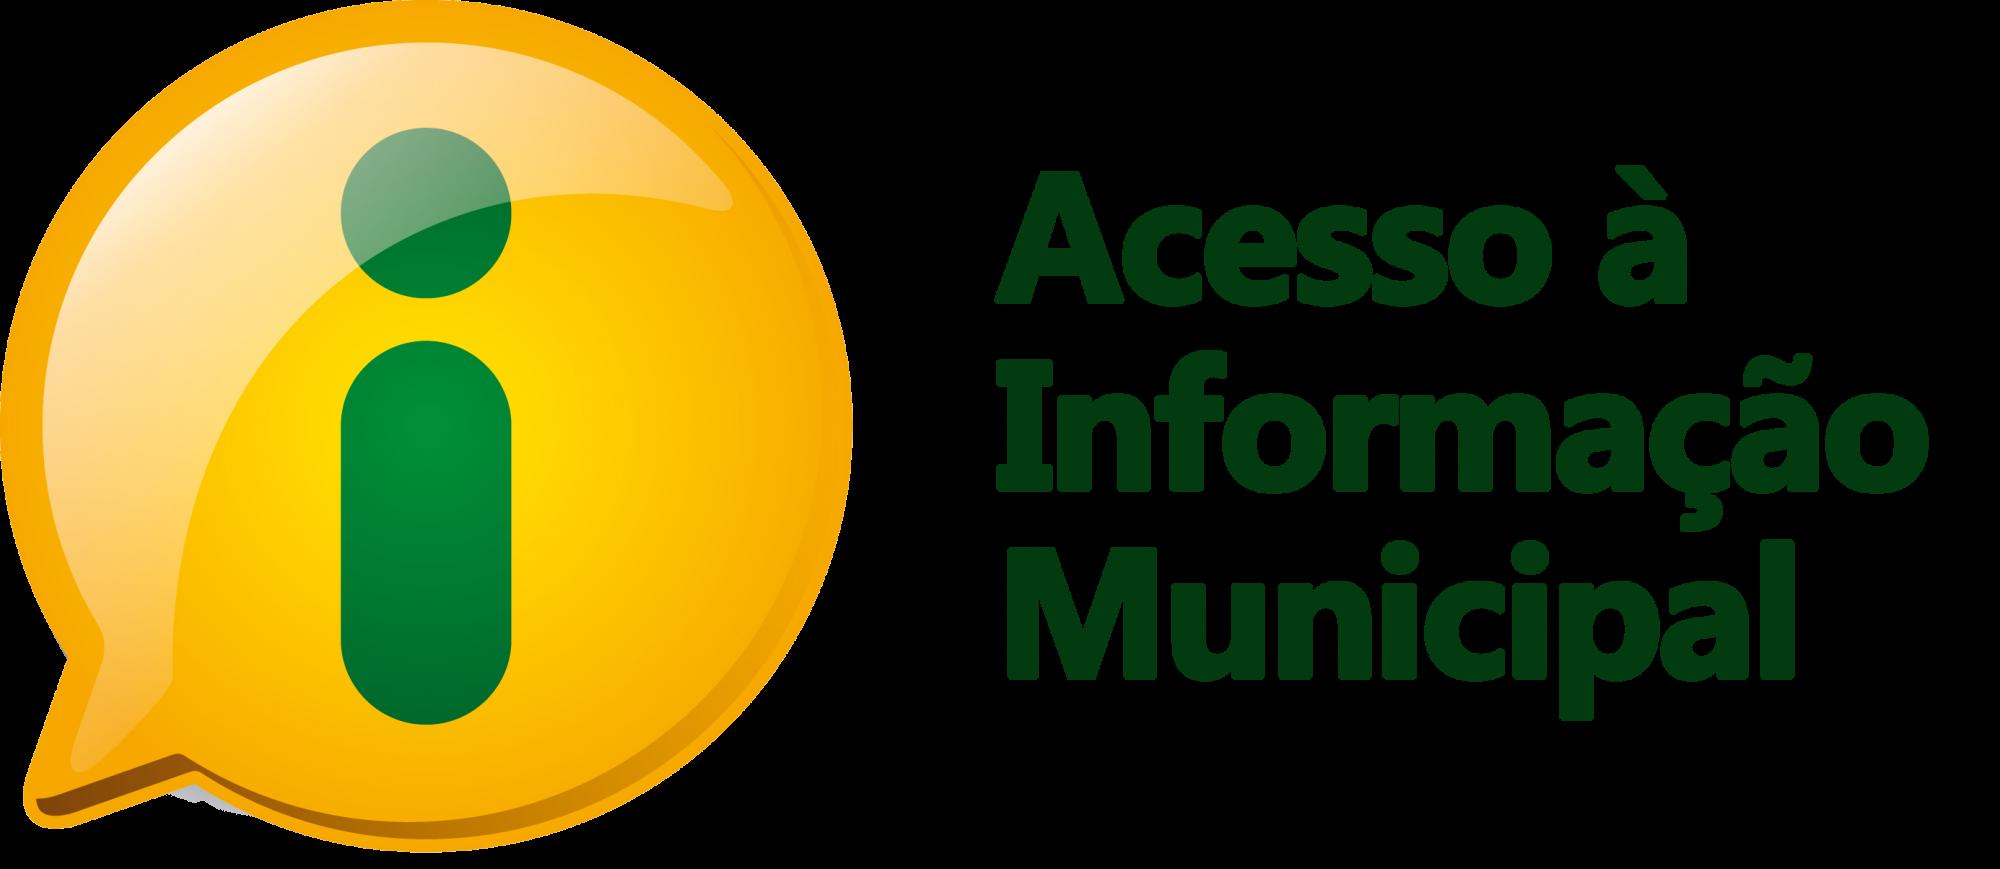 Informações do Portal da Transparência dos municípios confundem a população